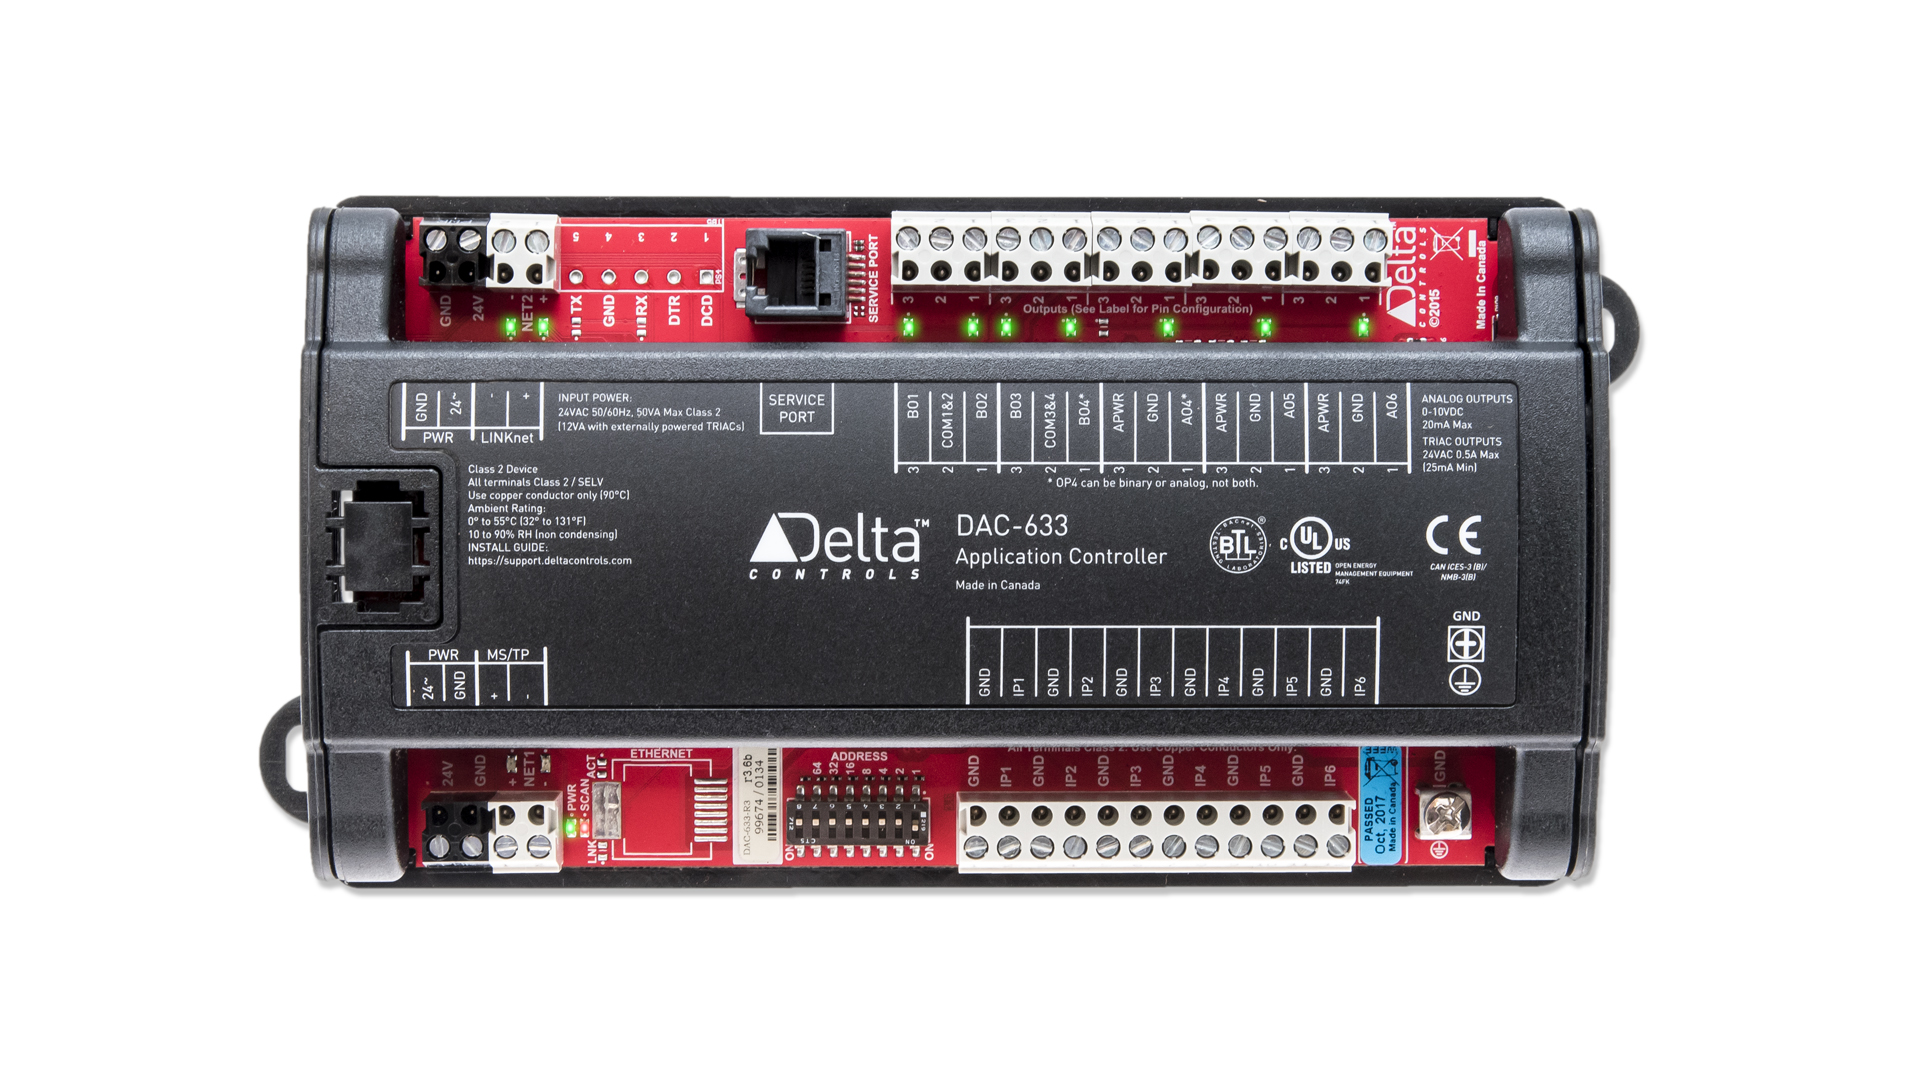 DAC 633